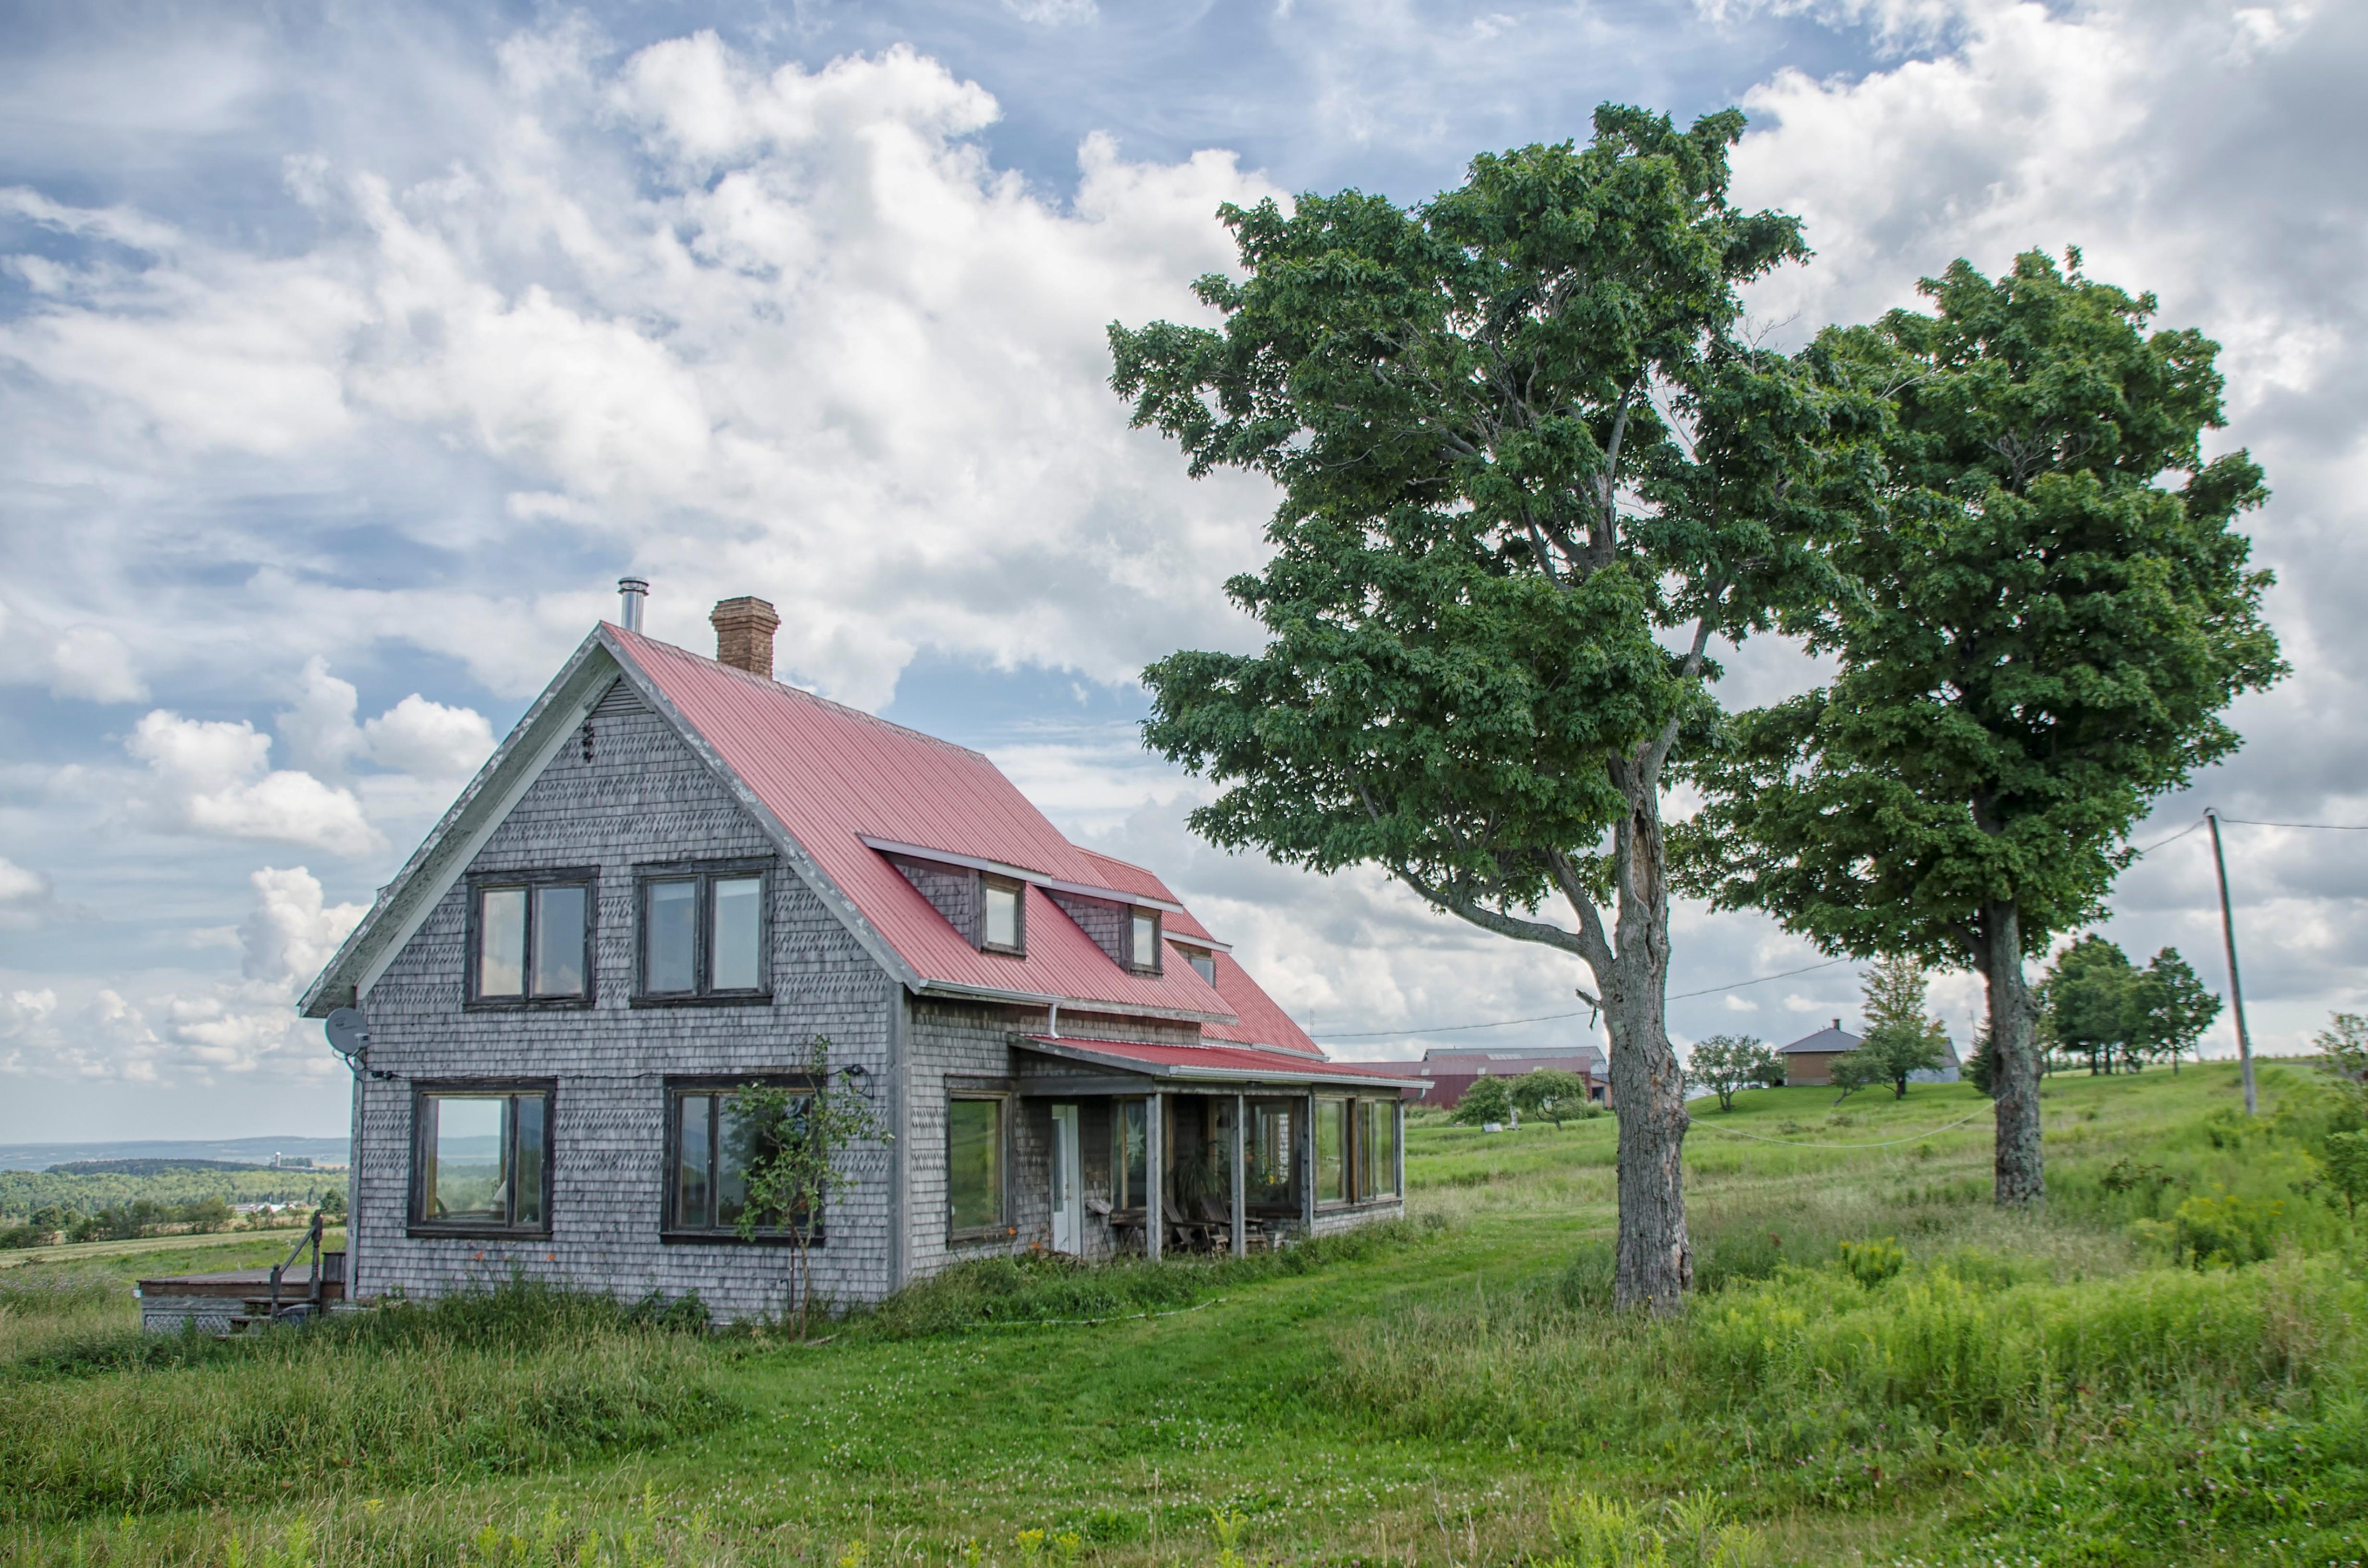 Images Gratuites : arbre, la nature, ferme, maison, village ...